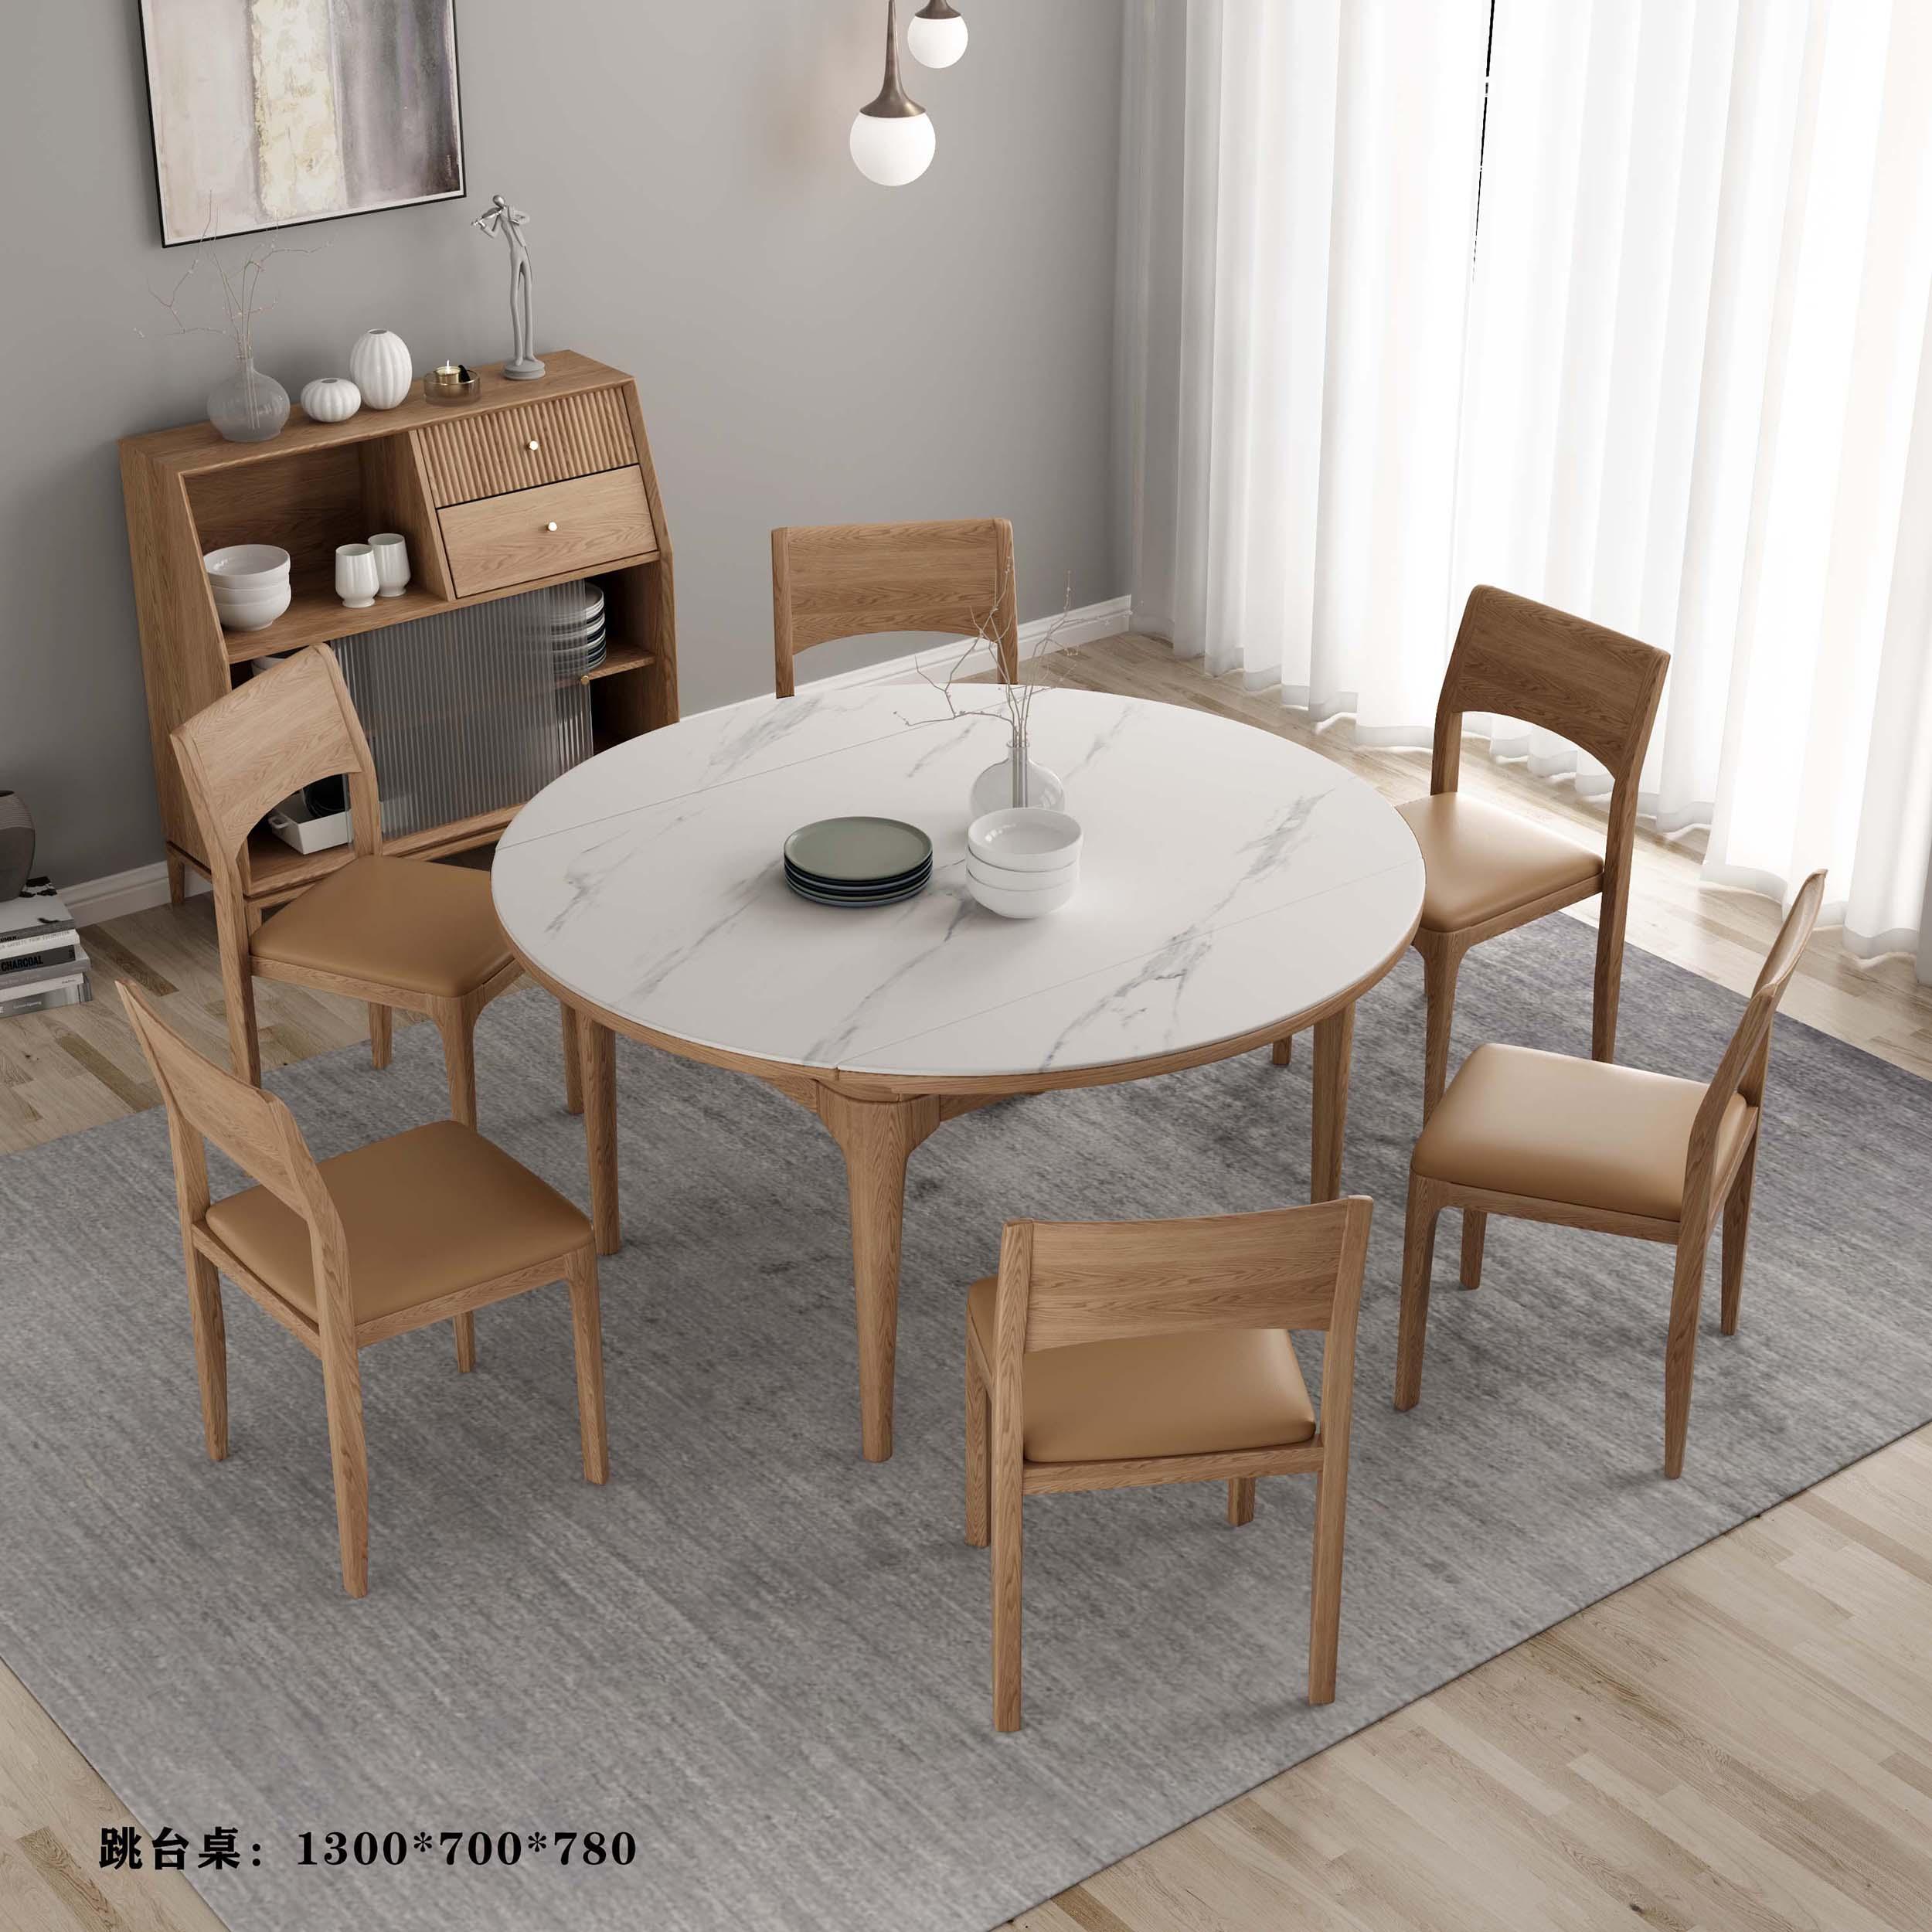 白蜡木诧寂系列---餐桌